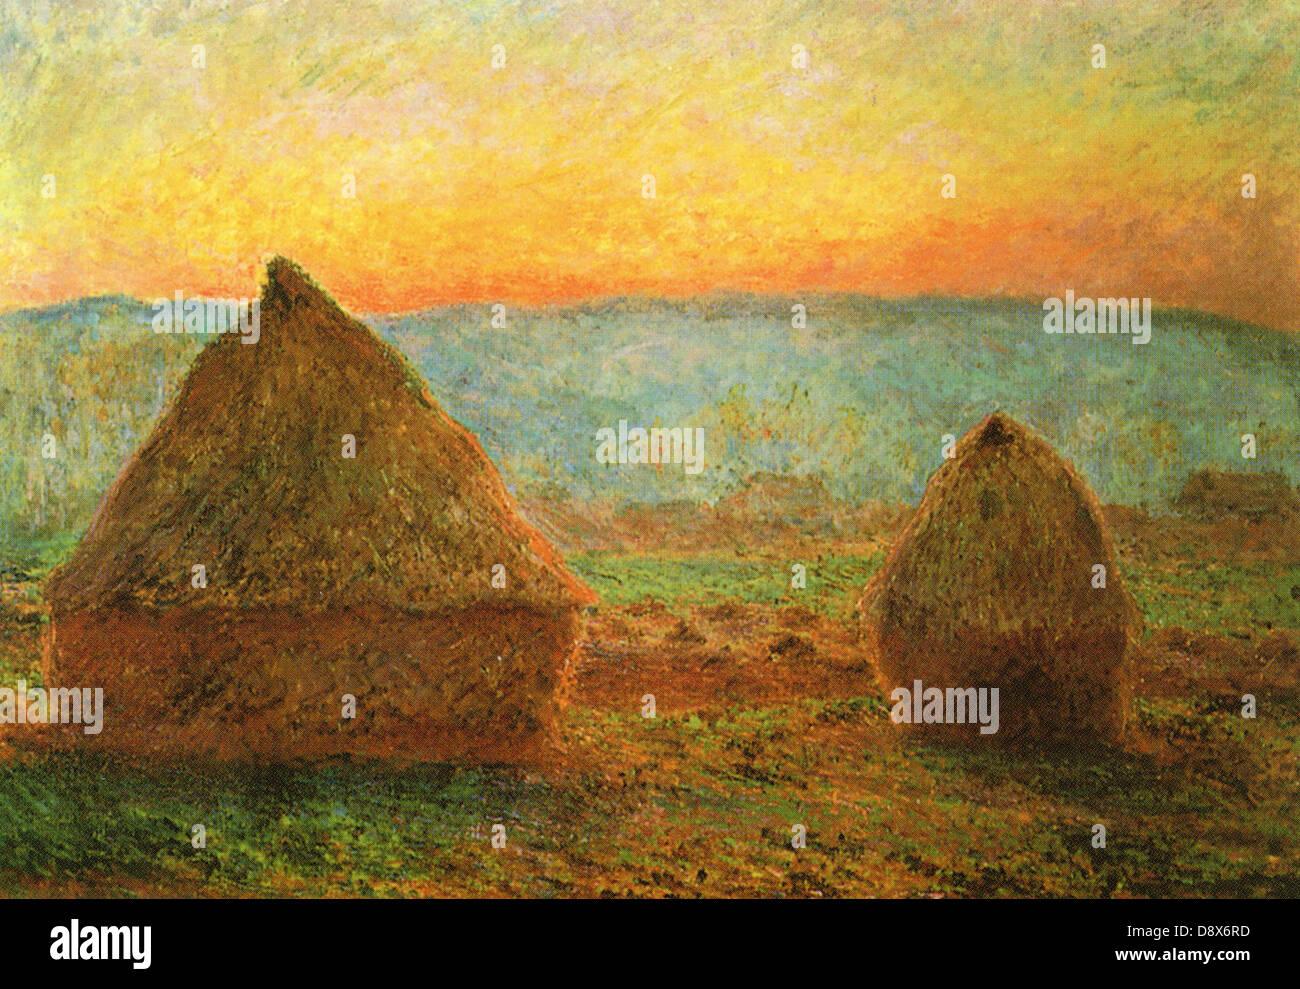 Haystacks (c. 1890) dal pittore impressionista, Claude Monet - solo uso editoriale. Immagini Stock